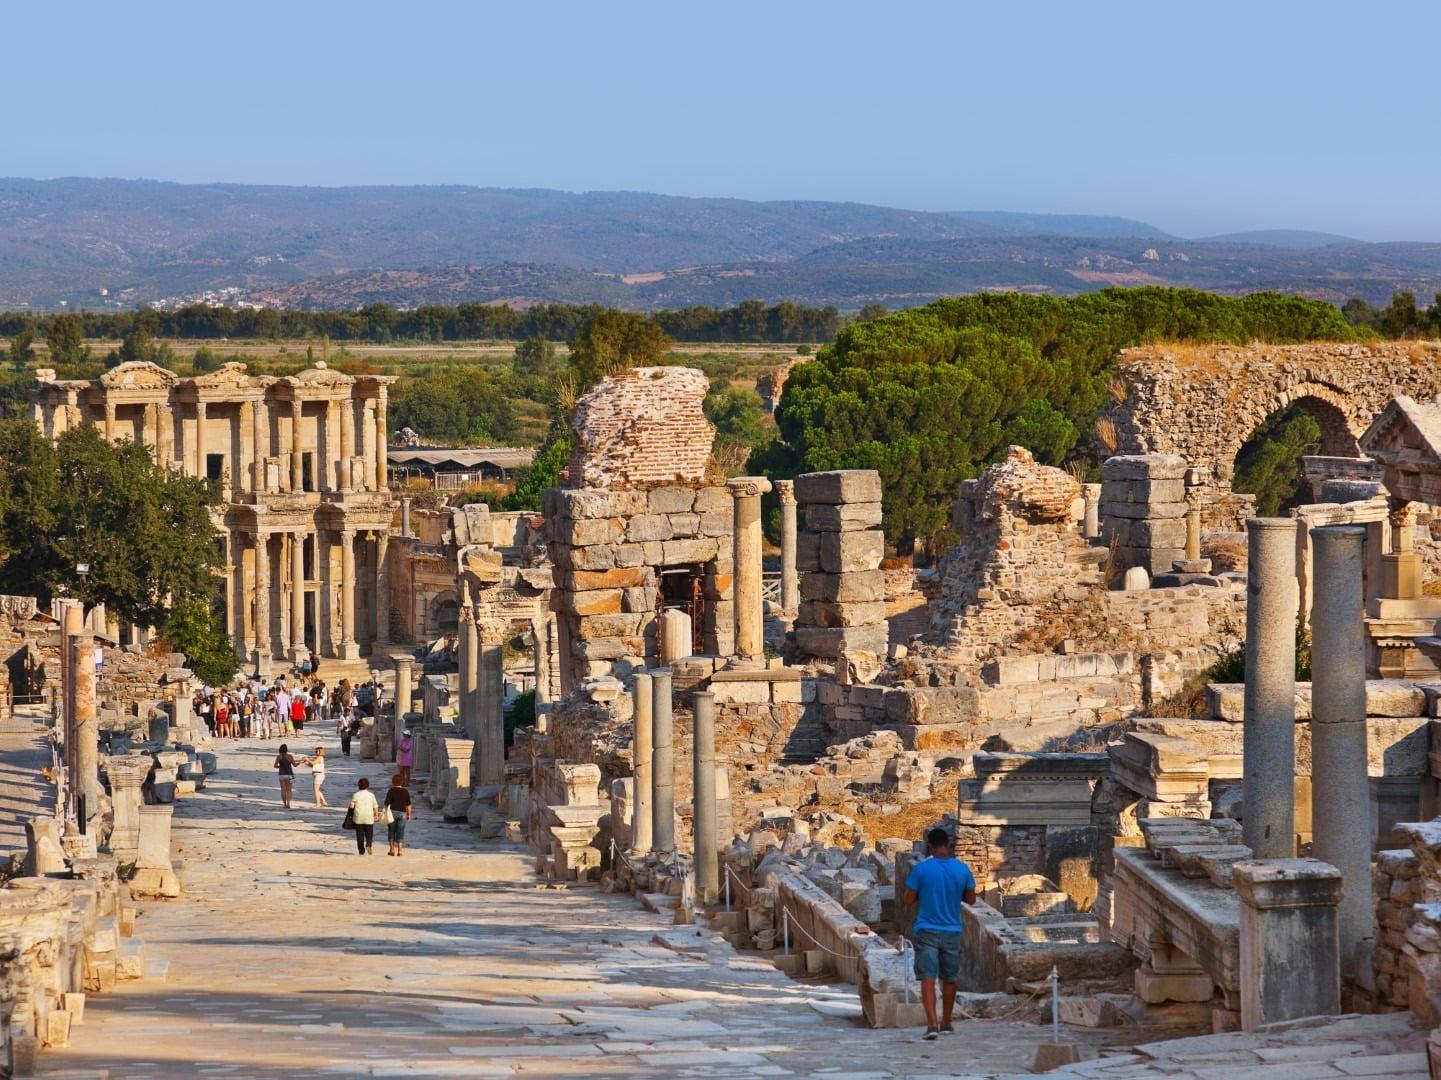 reruntuhan kuil kuno di kota ephesus, turki